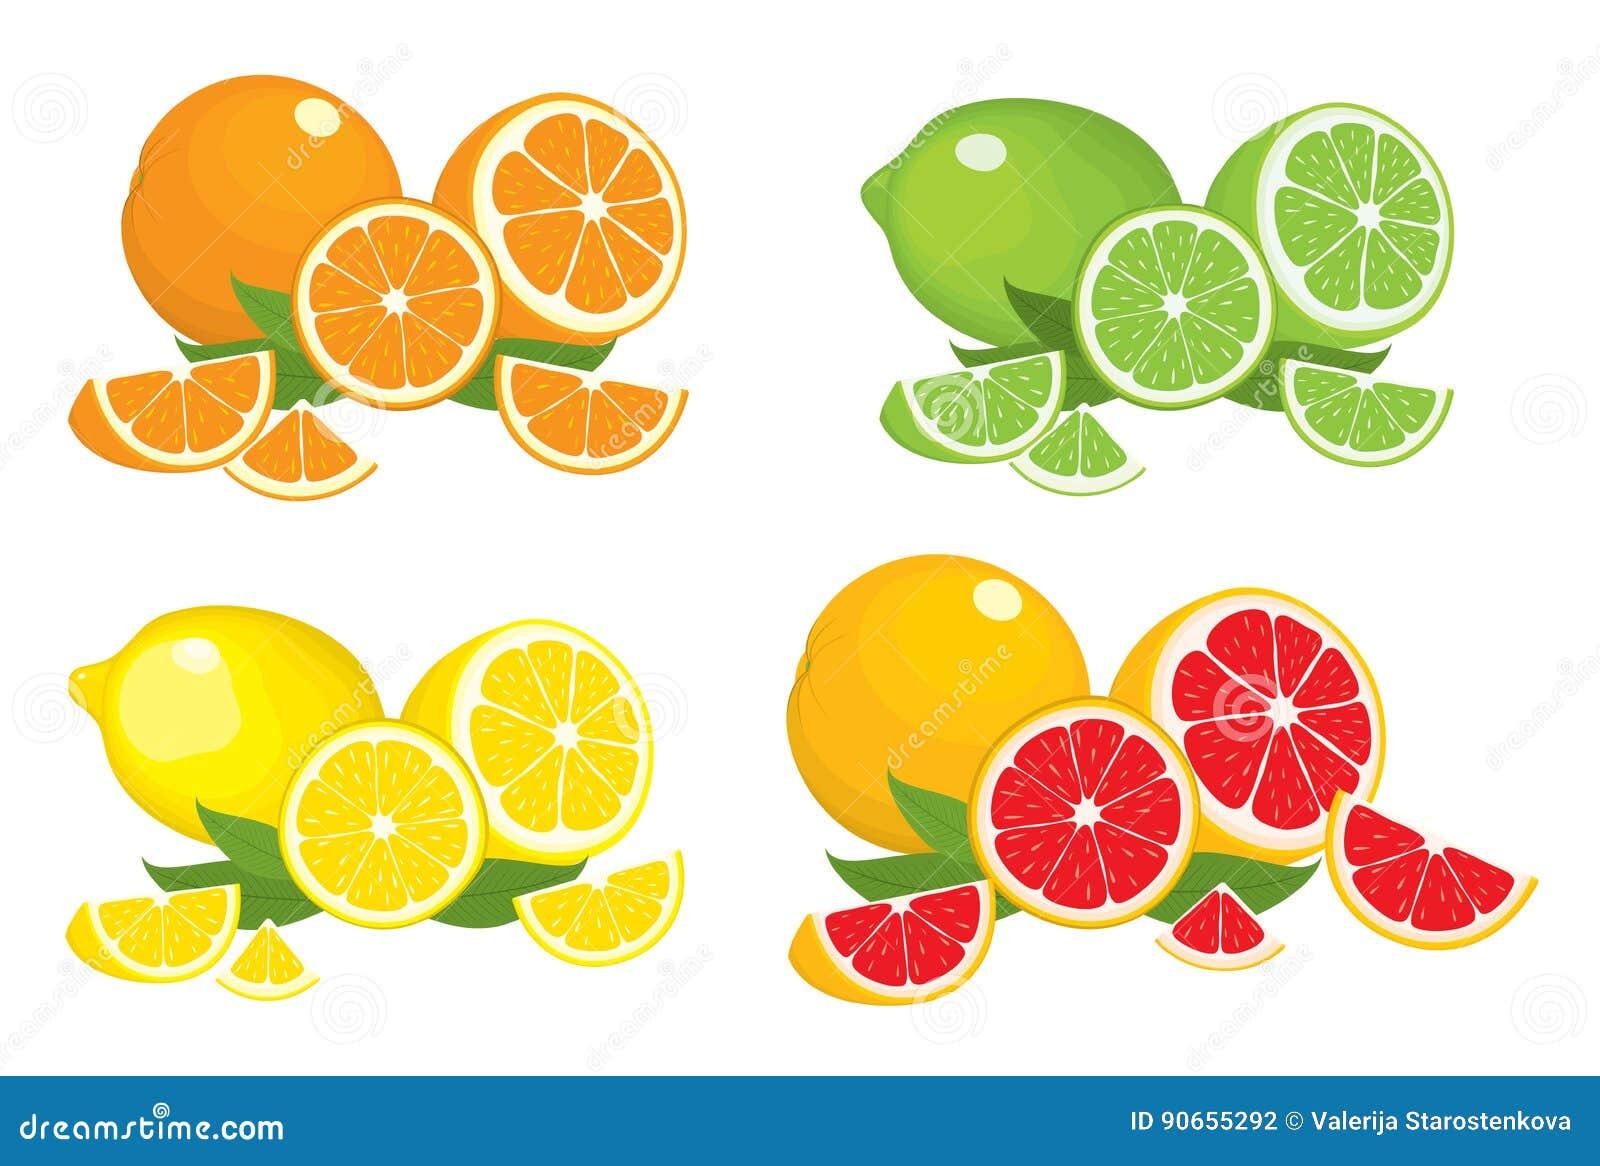 Συλλογή των προϊόντων εσπεριδοειδών - πορτοκάλι, λεμόνι, ασβέστης και γκρέιπφρουτ με τα φύλλα, που απομονώνονται στο άσπρο υπόβαθ